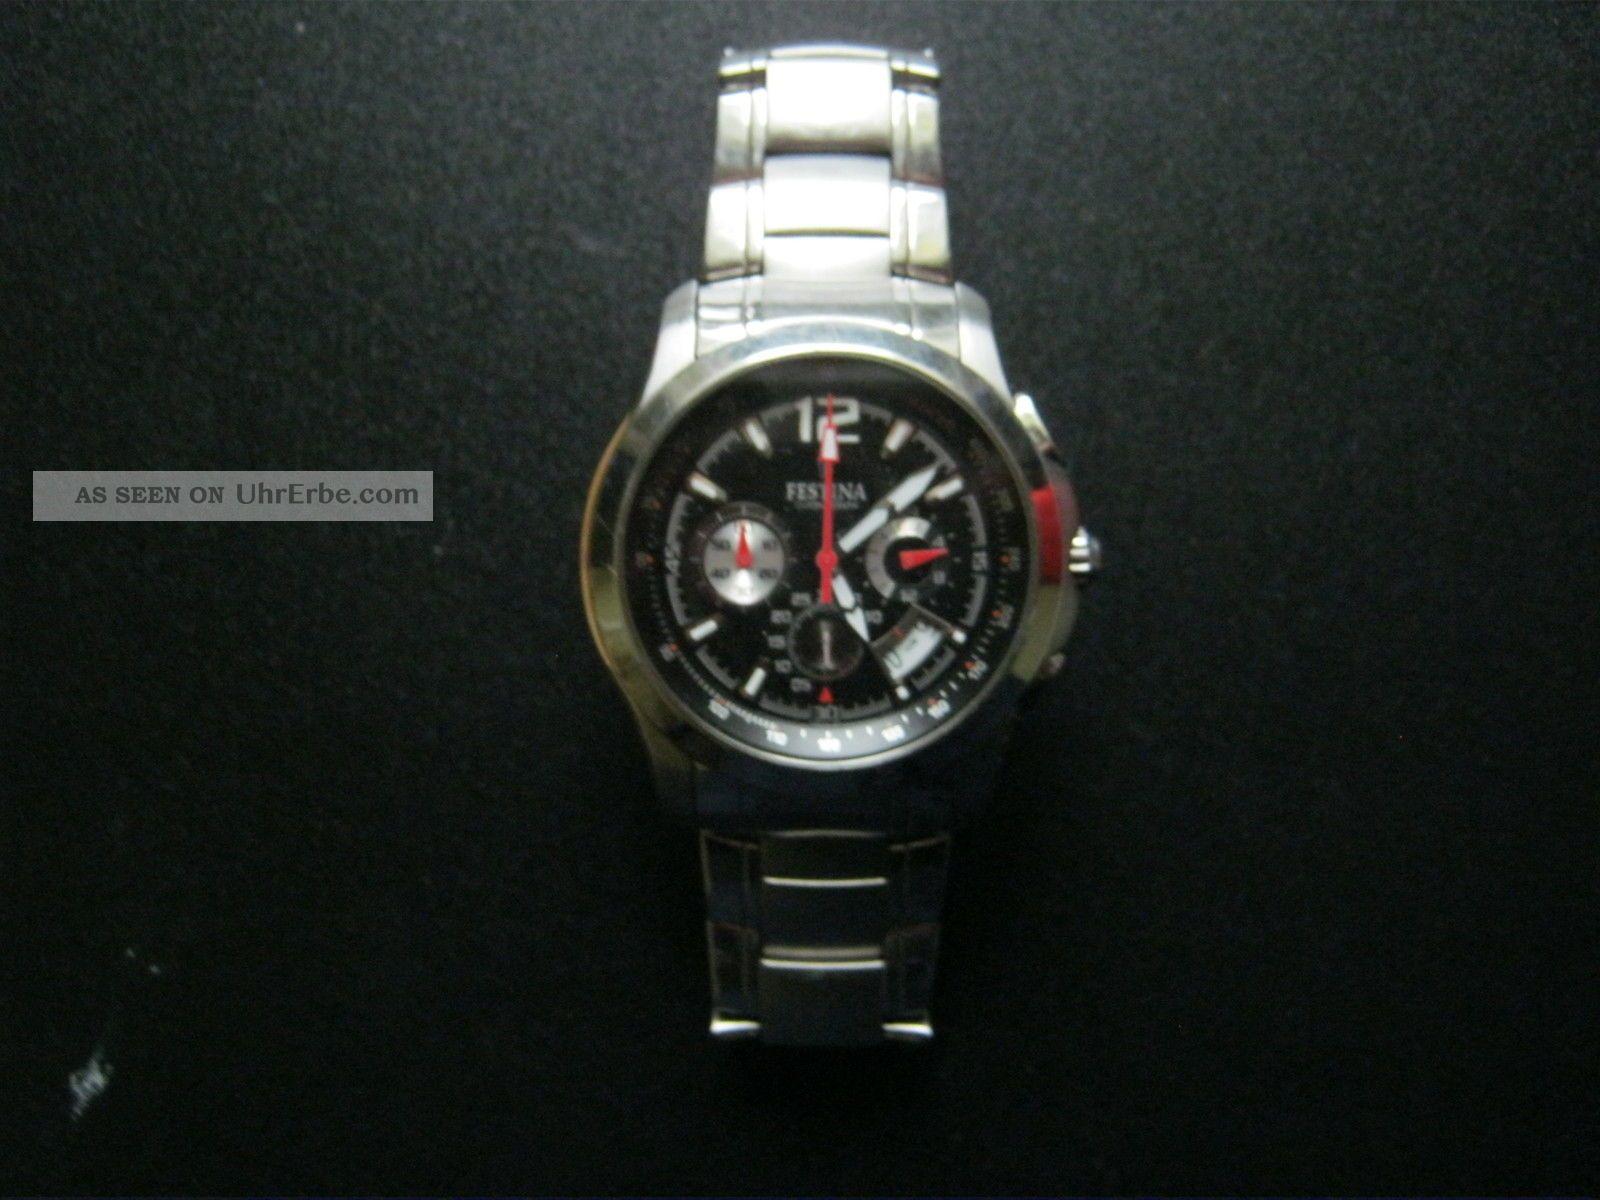 Festina Herrenuhr Armbanduhren Bild